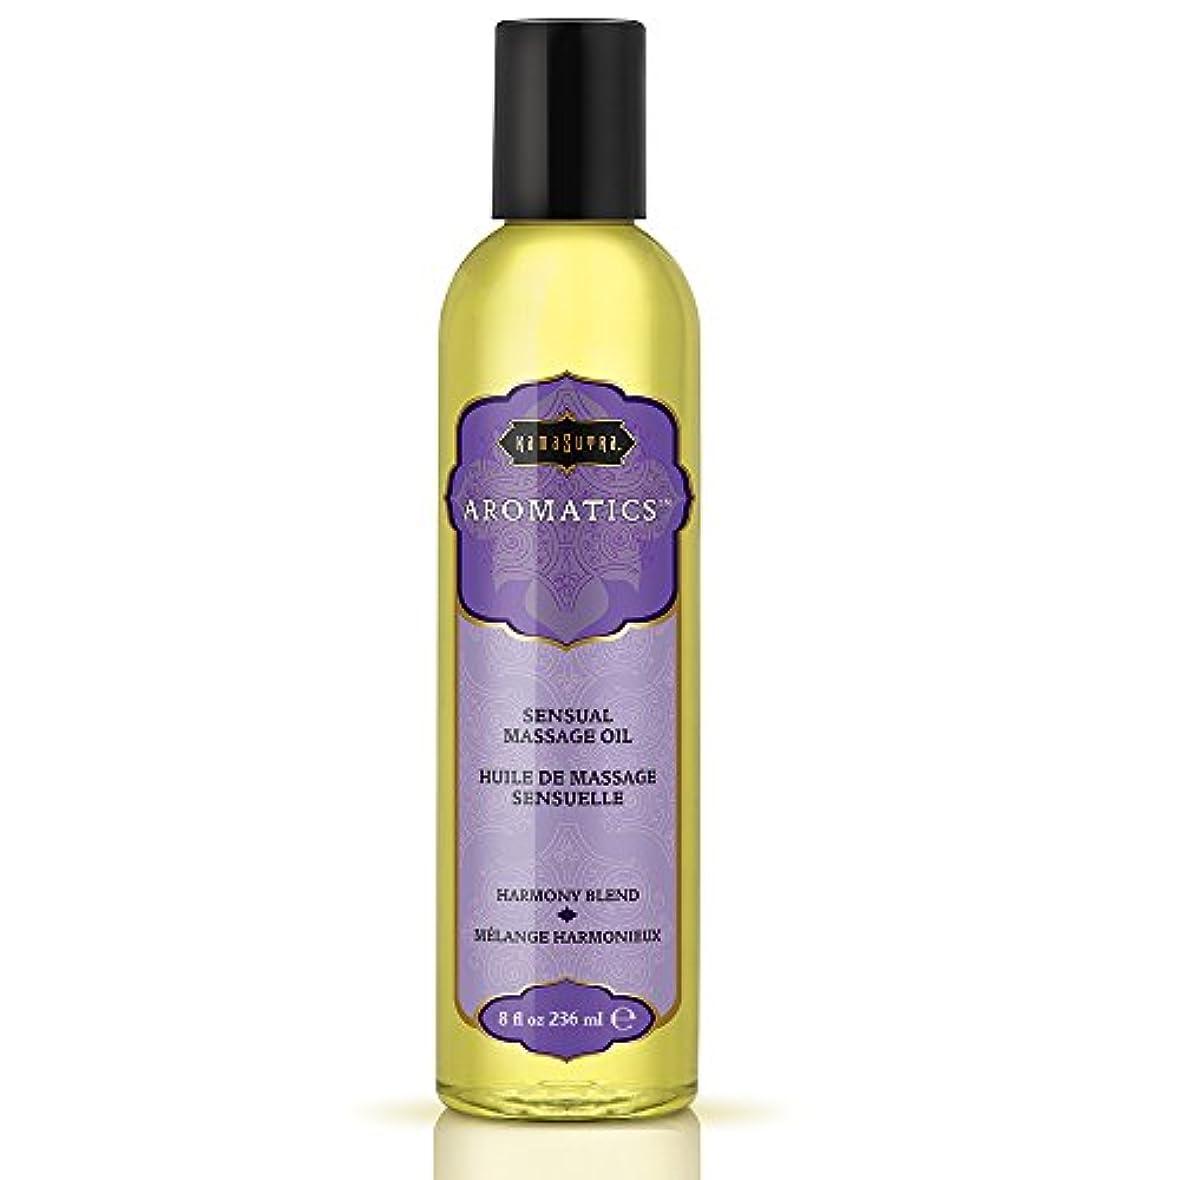 共同選択本能基準Aromatic Massage Oil Harmony Blend 8oz by Kama Sutra